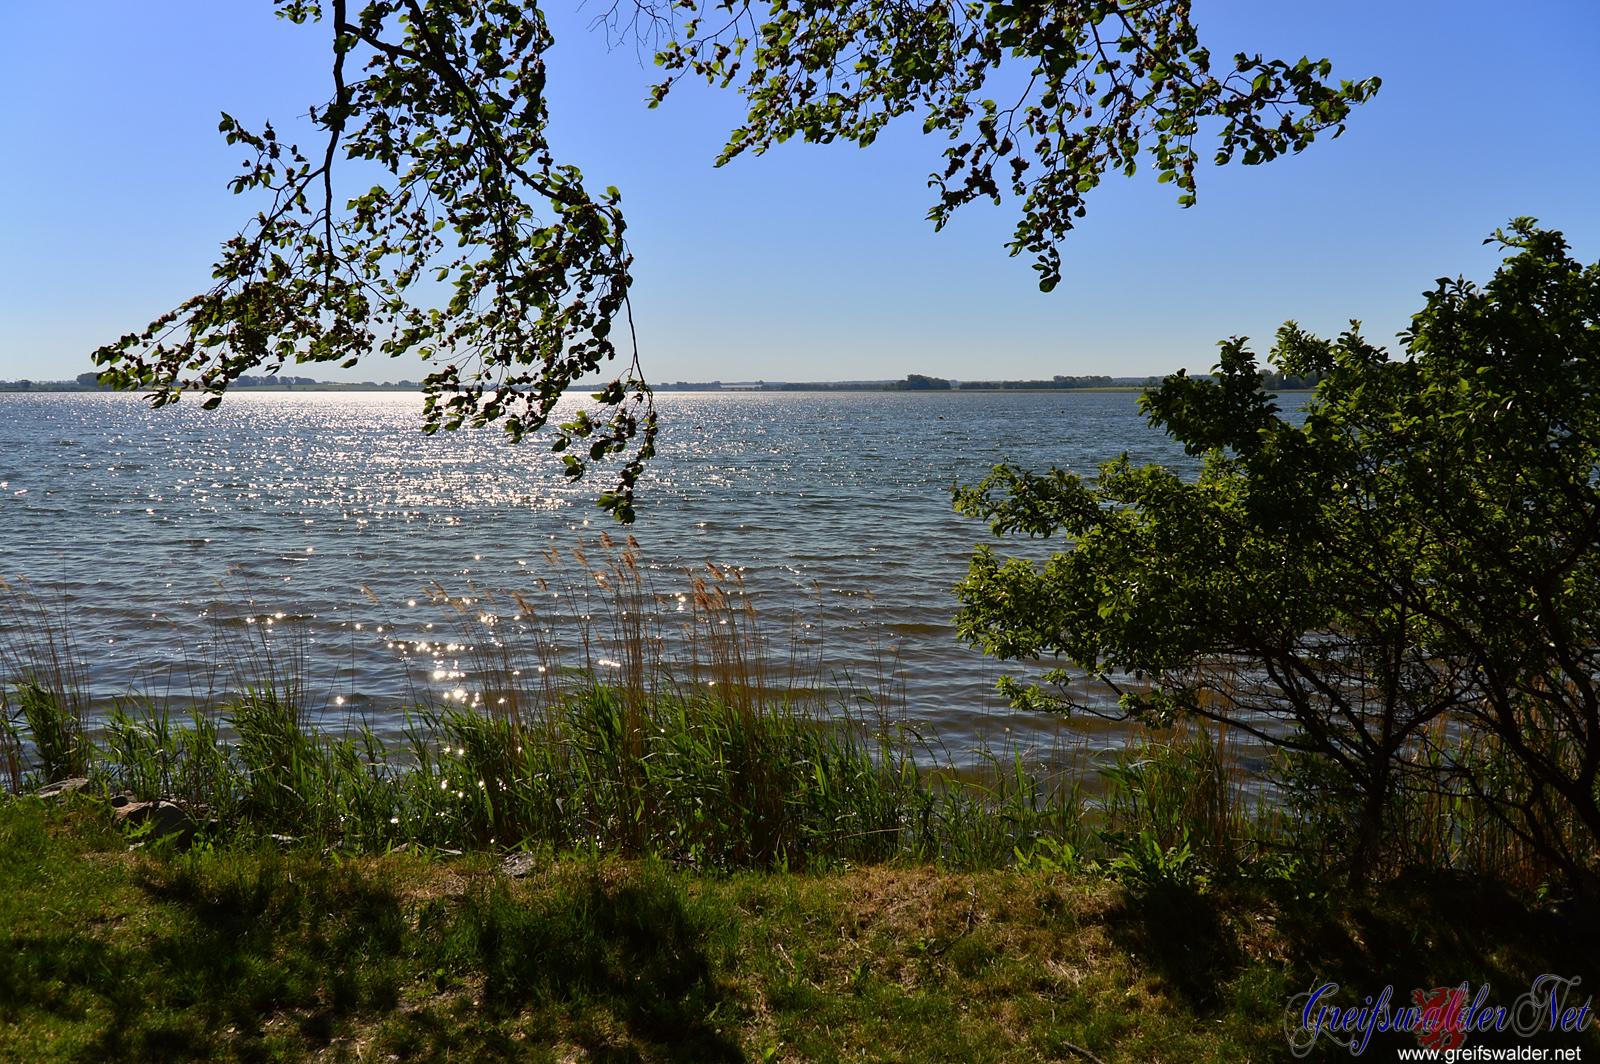 schattiges Plätzchen an der Dänischen Wiek in Greifswald-Wieck